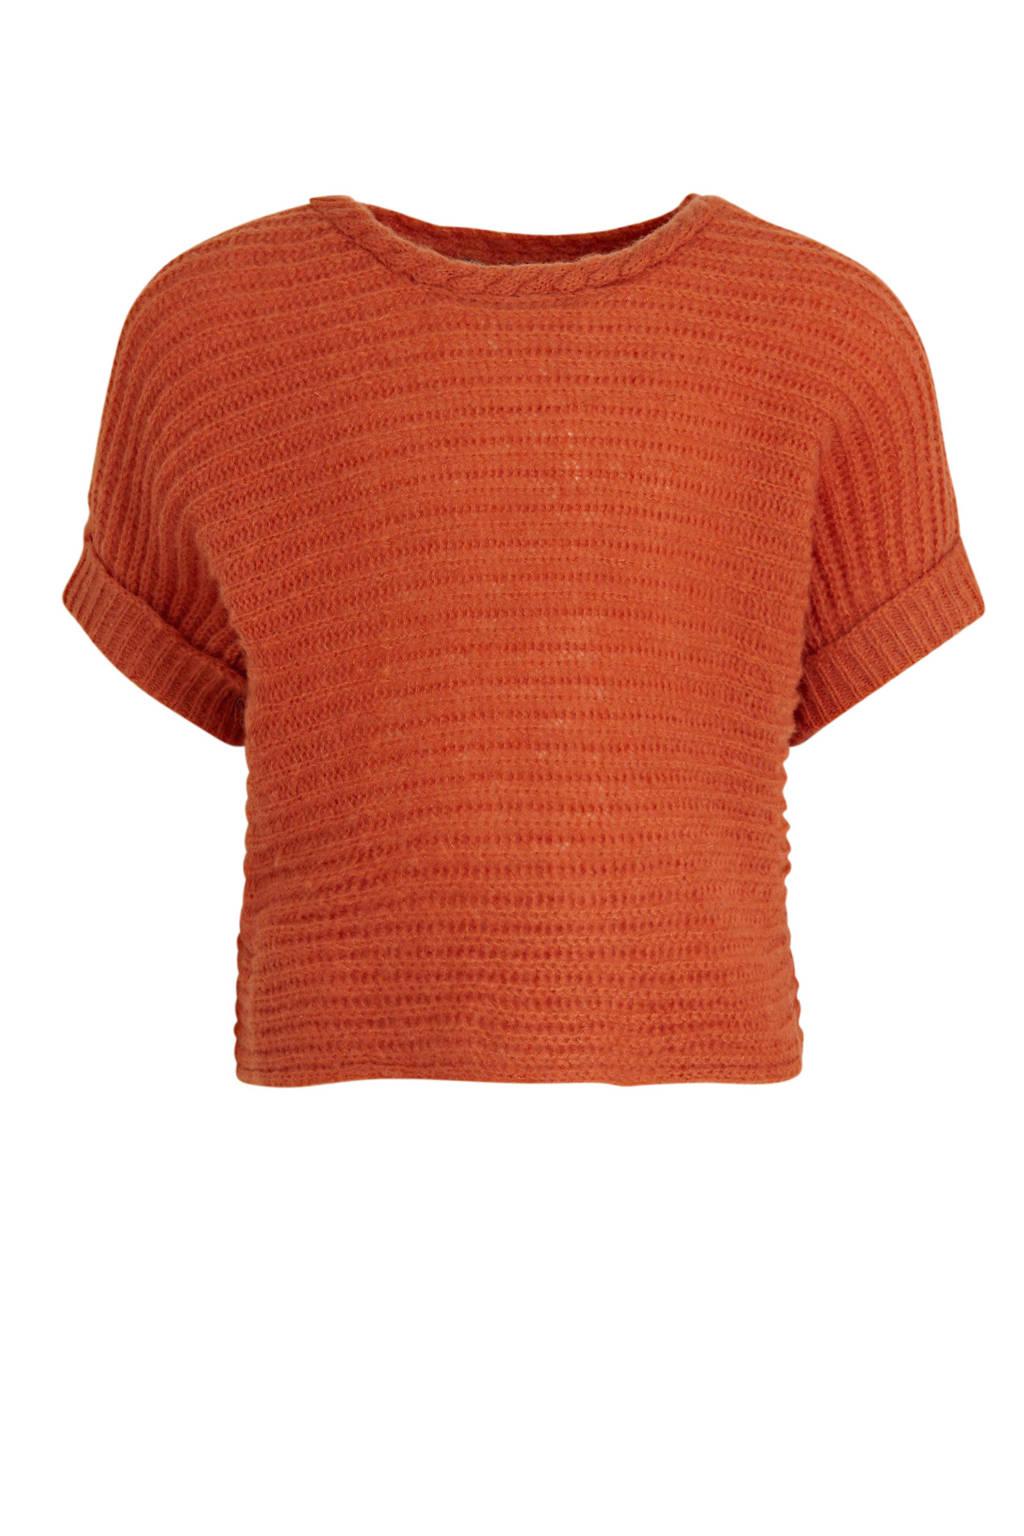 C&A trui oranje, Oranje